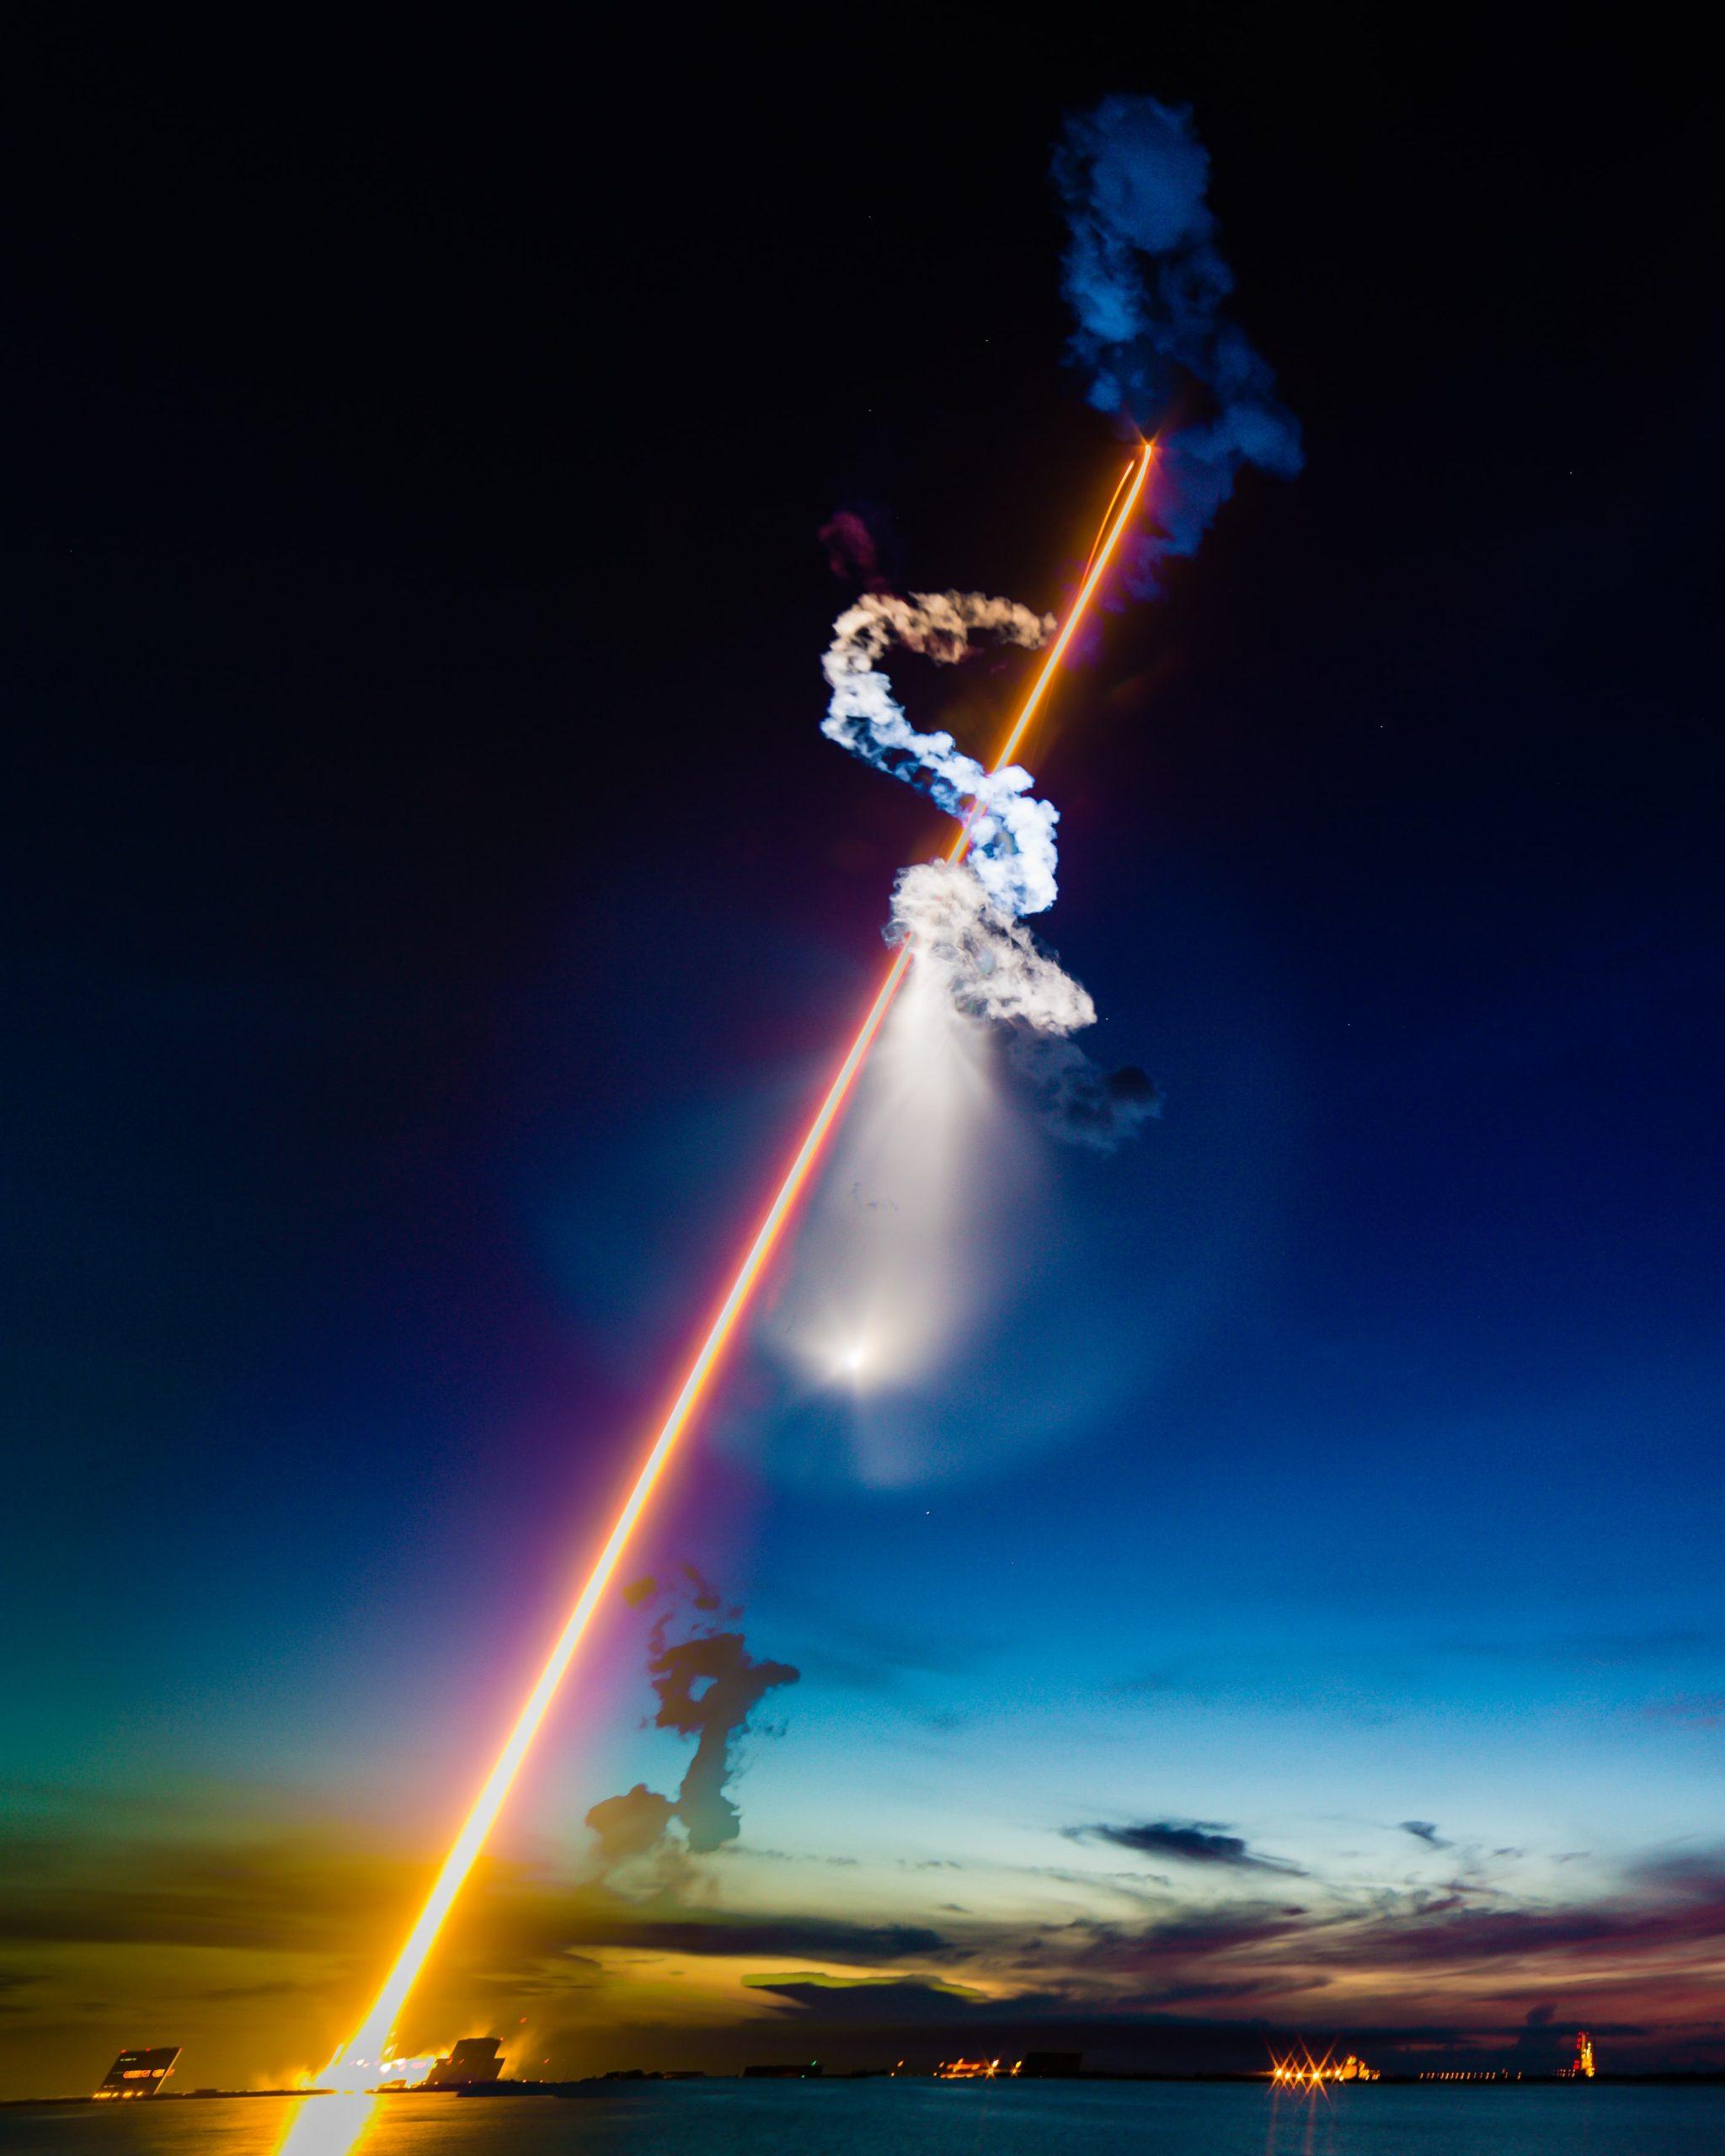 ロケット打ち上げ:株価上昇イメージ